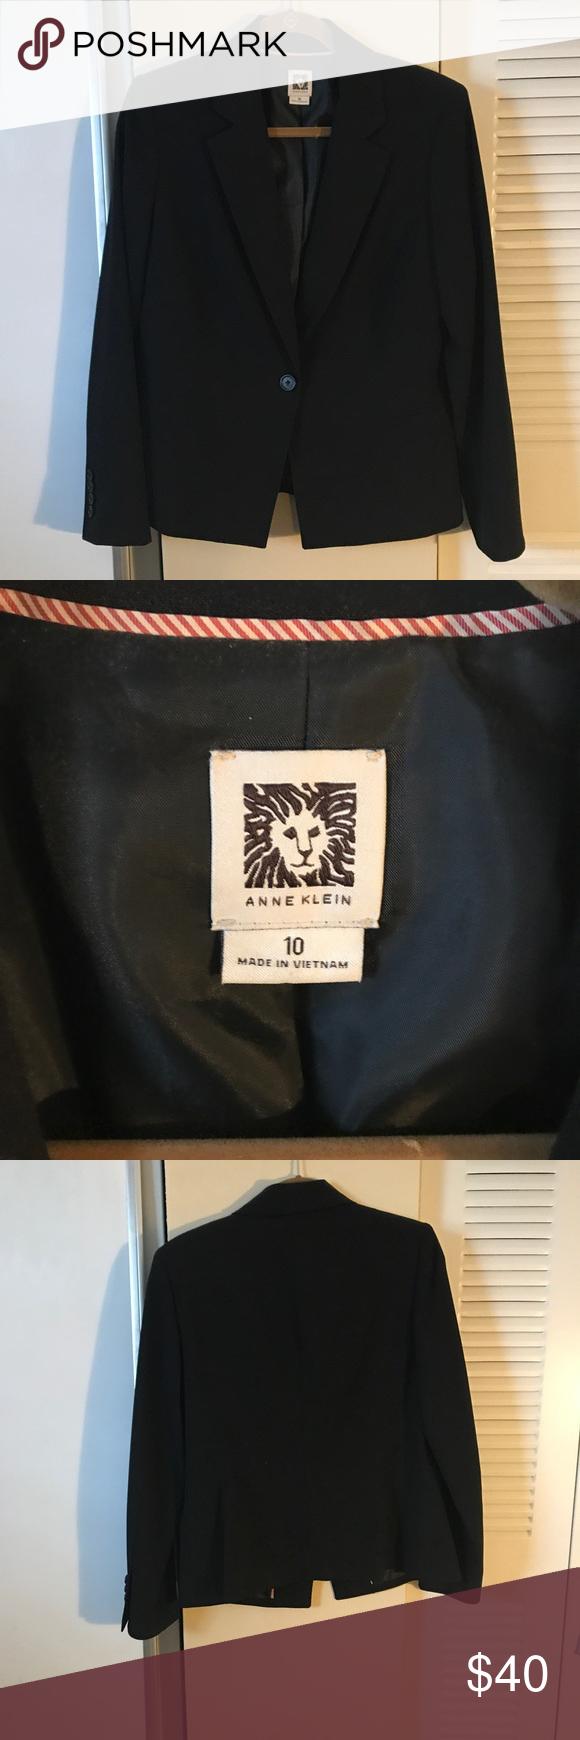 Black one button blazer brand new Anne Klein black womens blazer, never worn, perfect condition Anne Klein Jackets & Coats Blazers